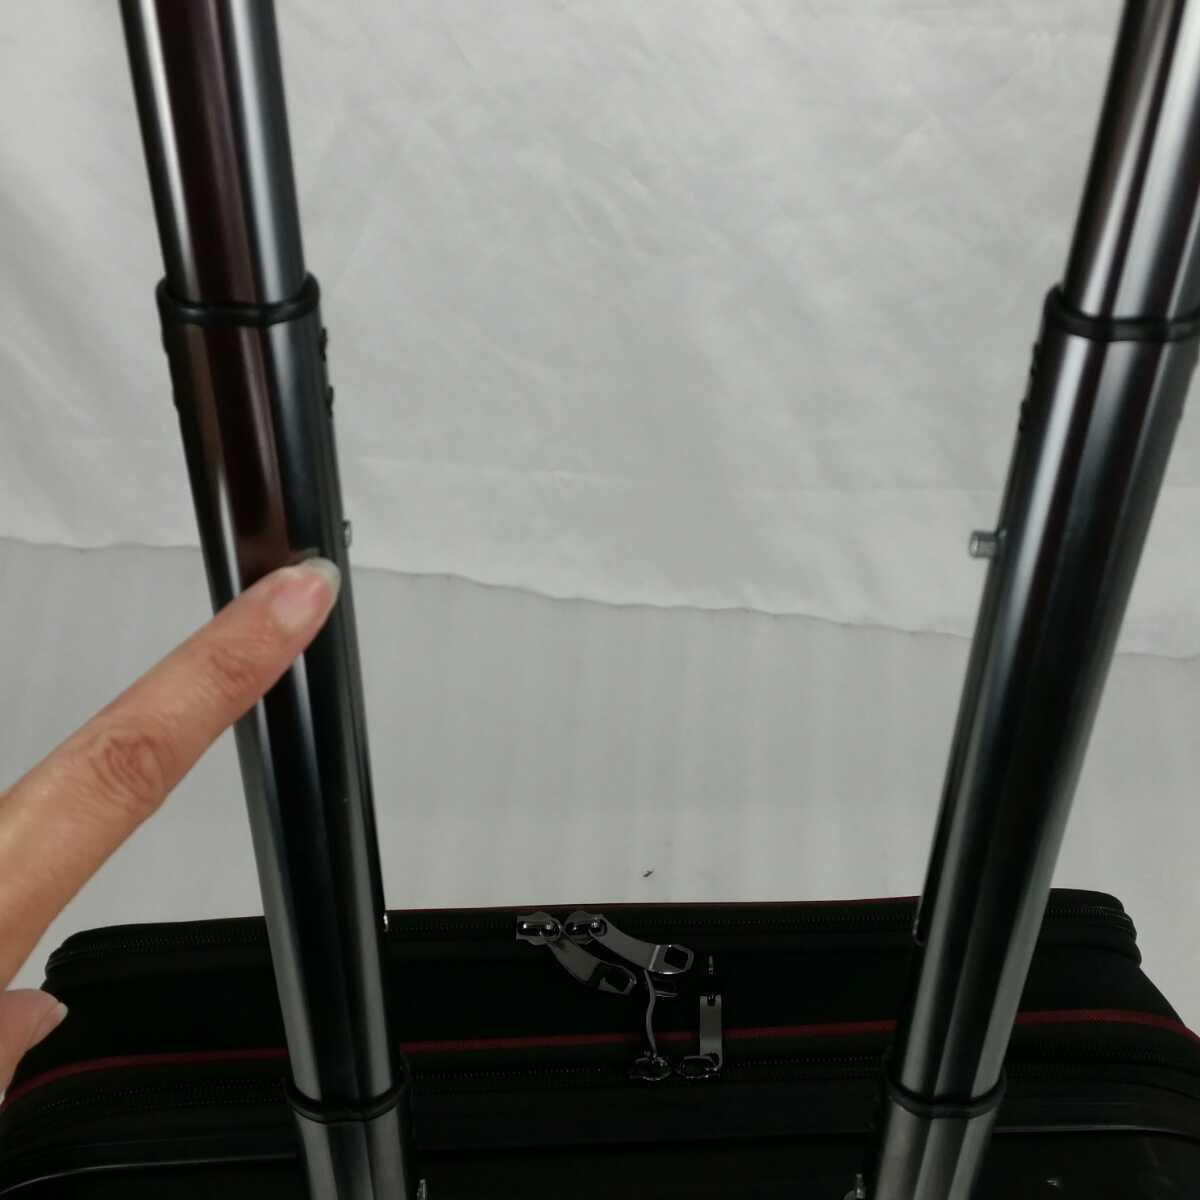 ス111 Sサイズ 横型 フロントオープン スーツケース キャリーケース 機内持ち込み 拡張機能 ブラック_画像10